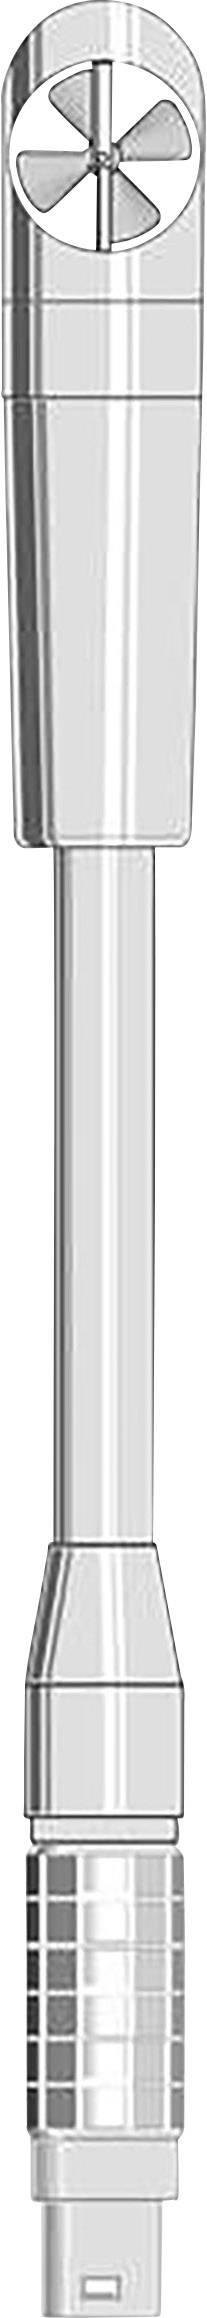 Snímač vzduchového prúdenia (vrtuľka) s meraním v ° C testo 0635 9540